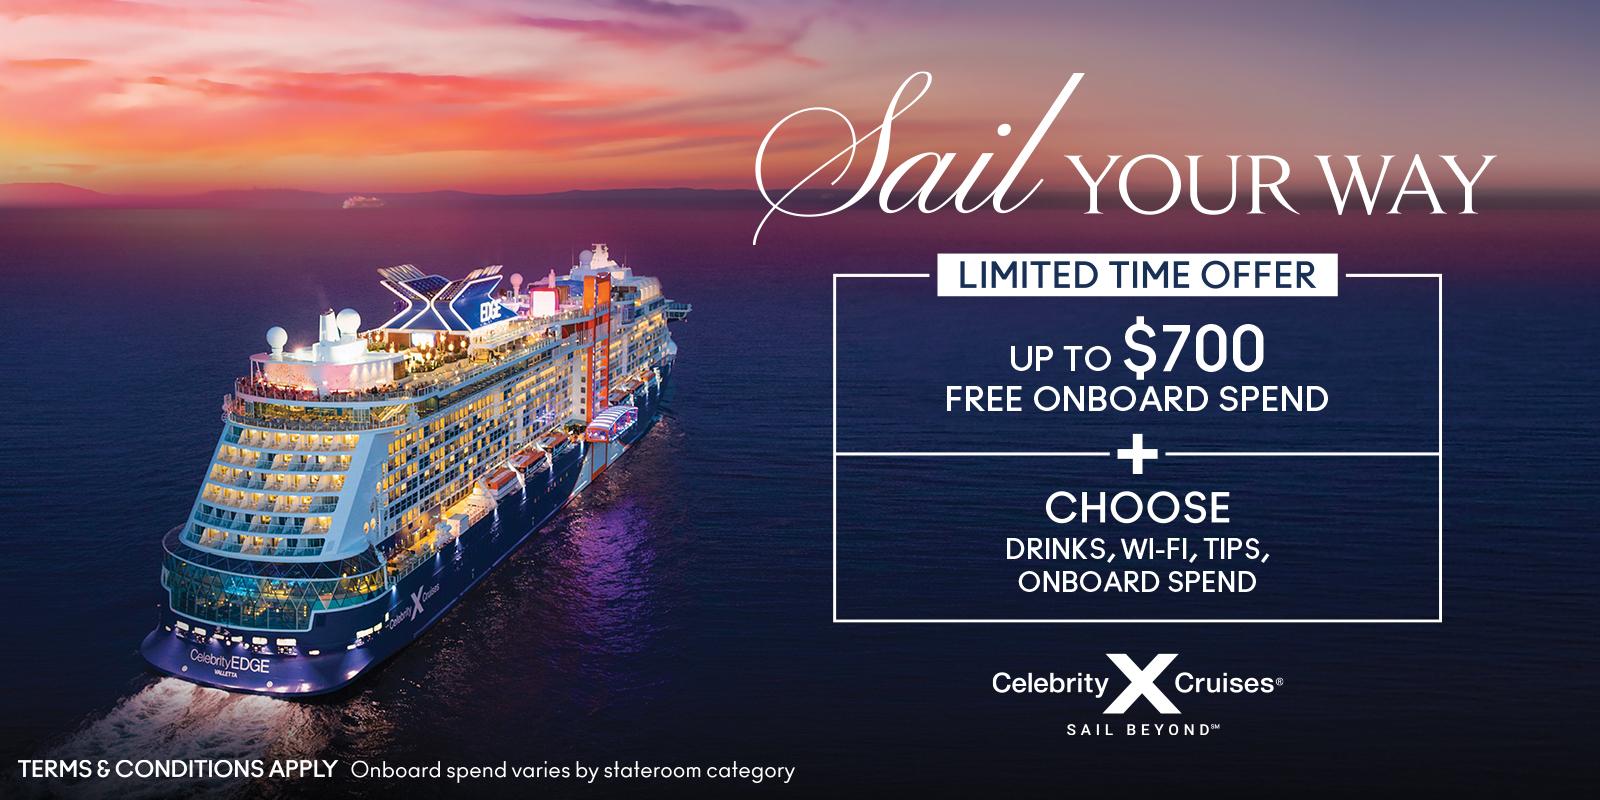 sail-your-way-1600x800